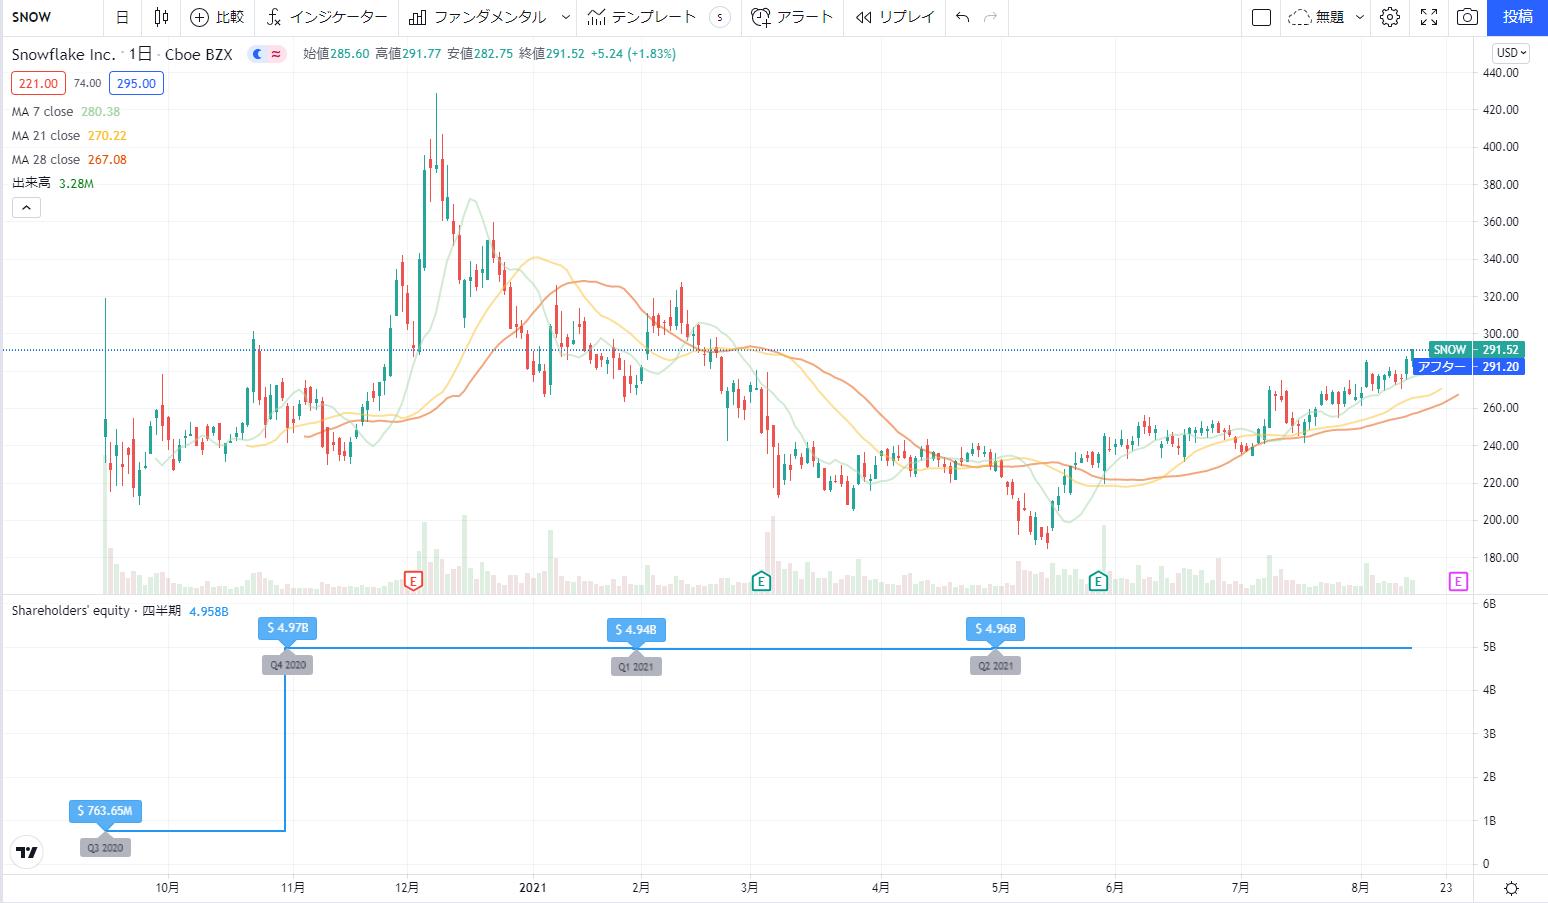 米国アメリカ株おすすめ新規上場銘柄(IPO)2020の3位:スノーフレークSnowflake SNOW株価チャート